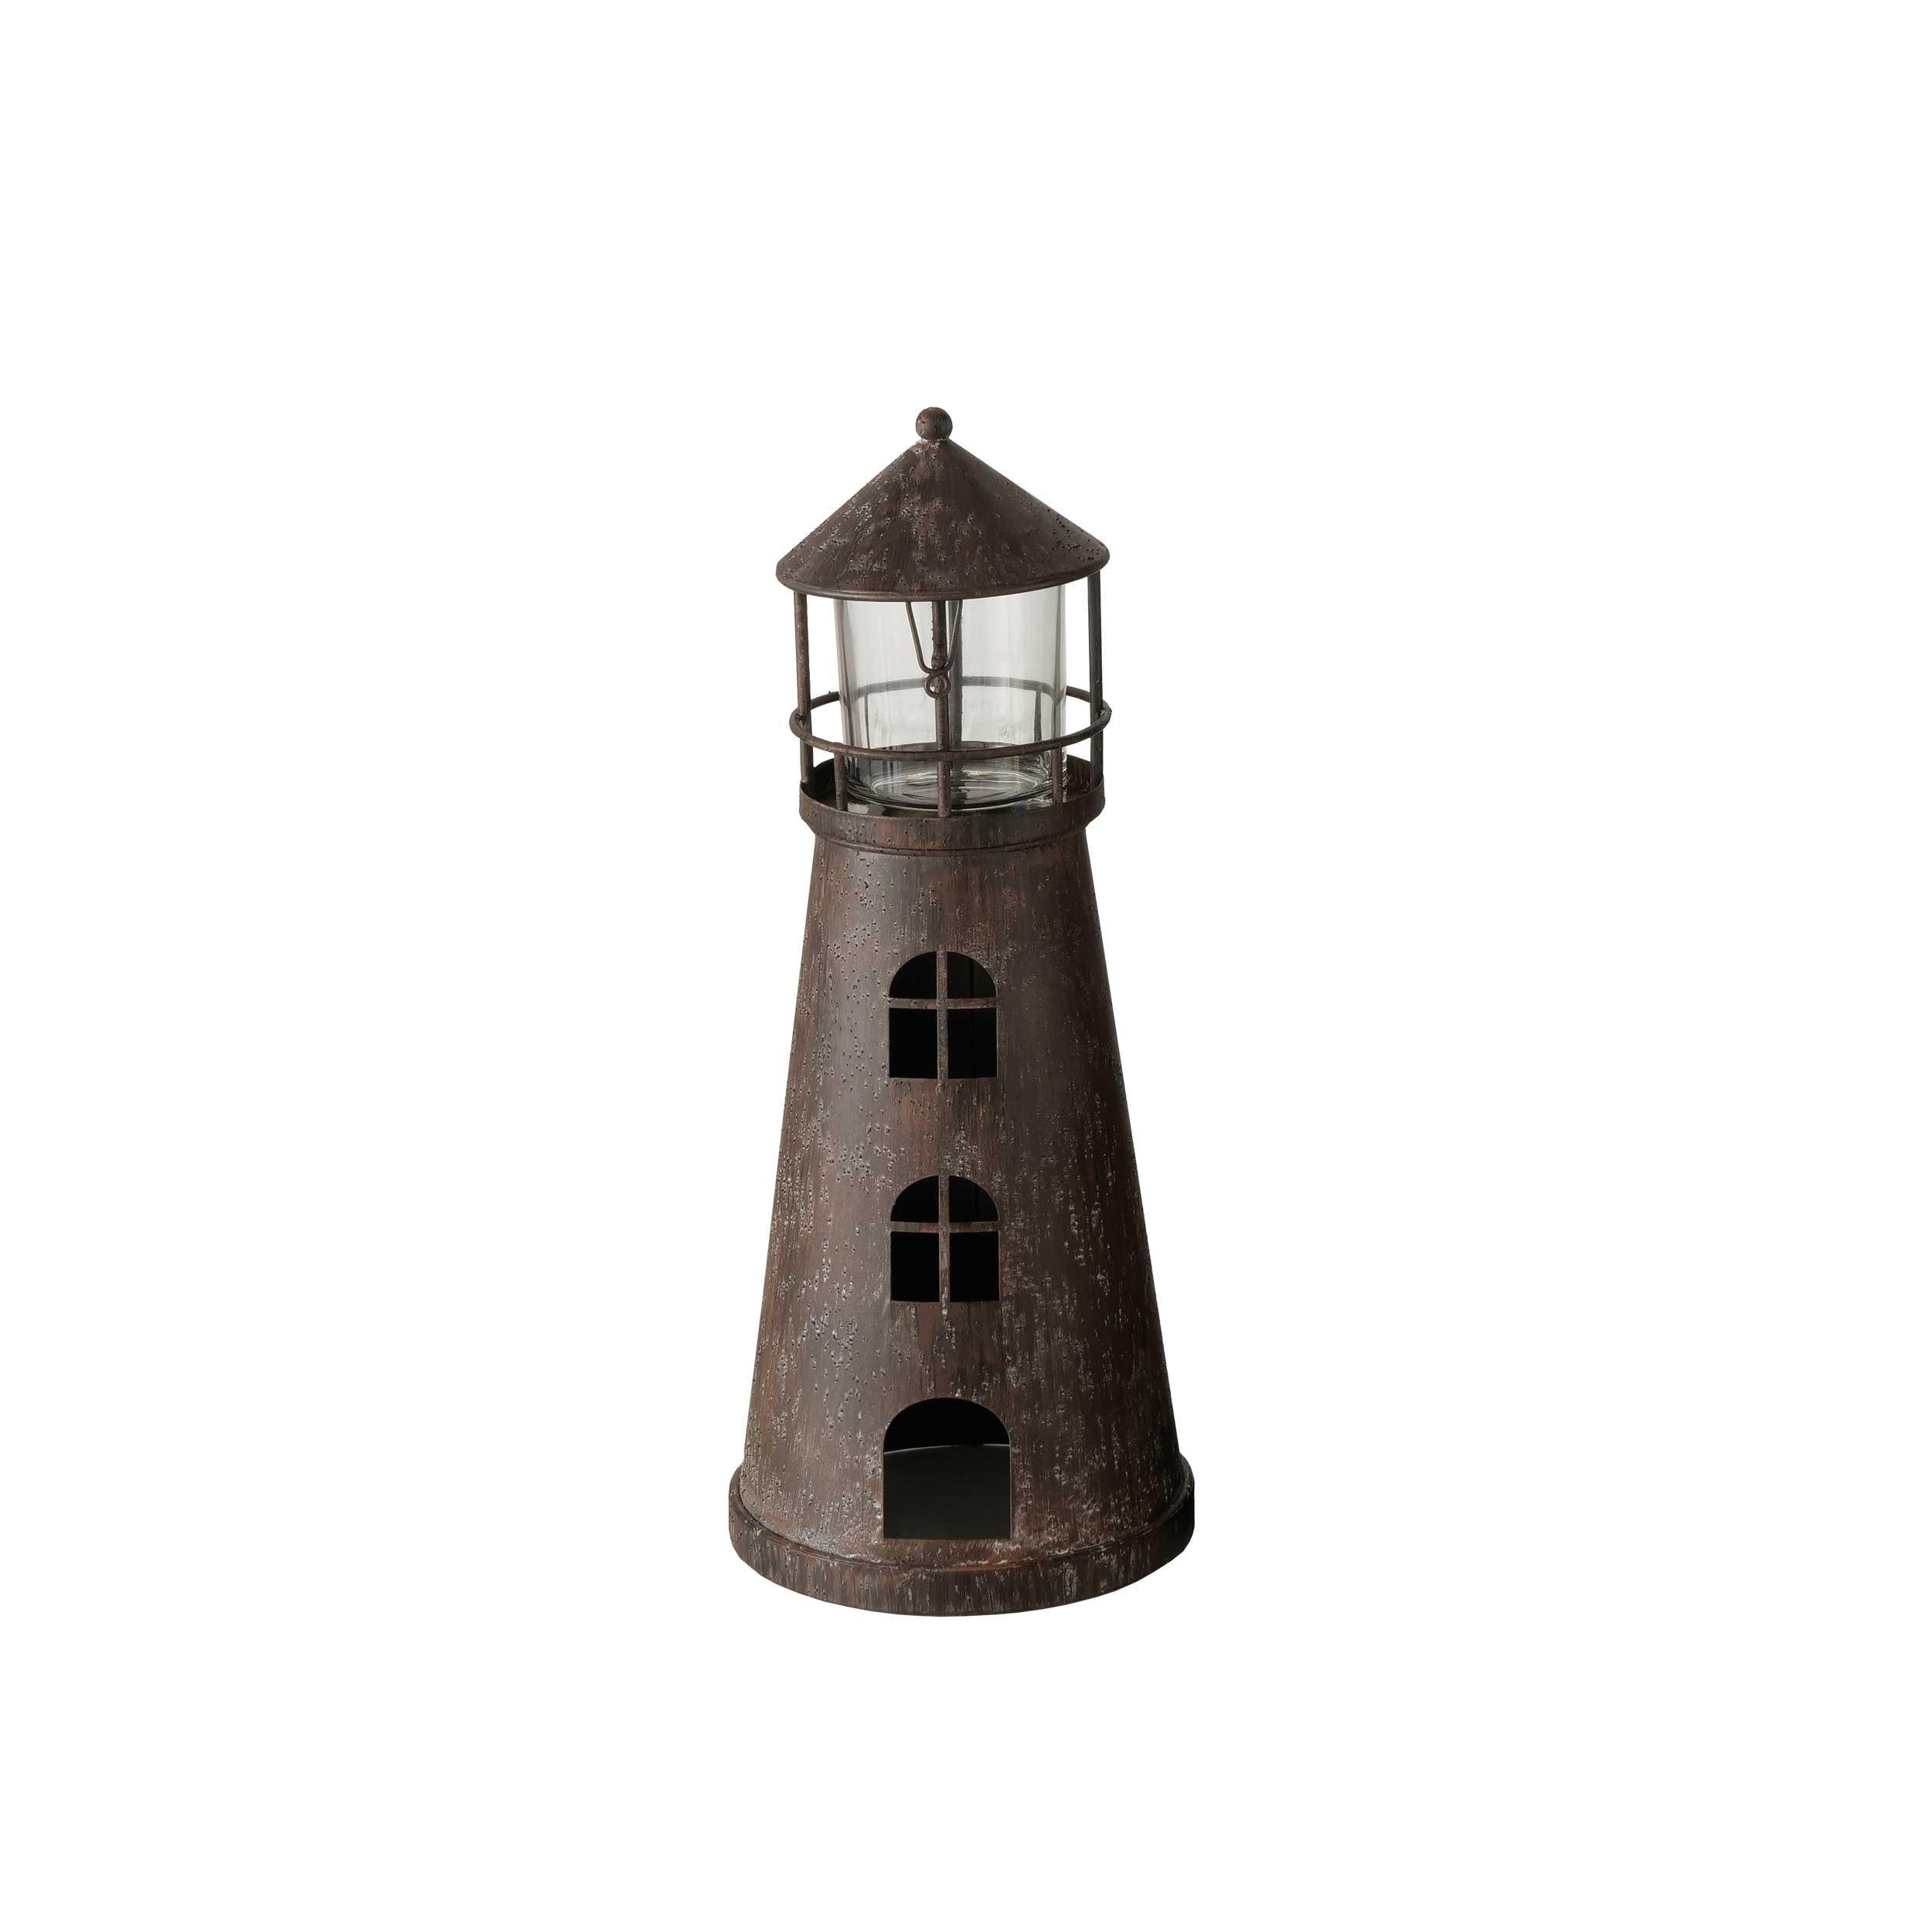 Windlicht Leuchtturm 37cm, 1 aus 2 NORANA